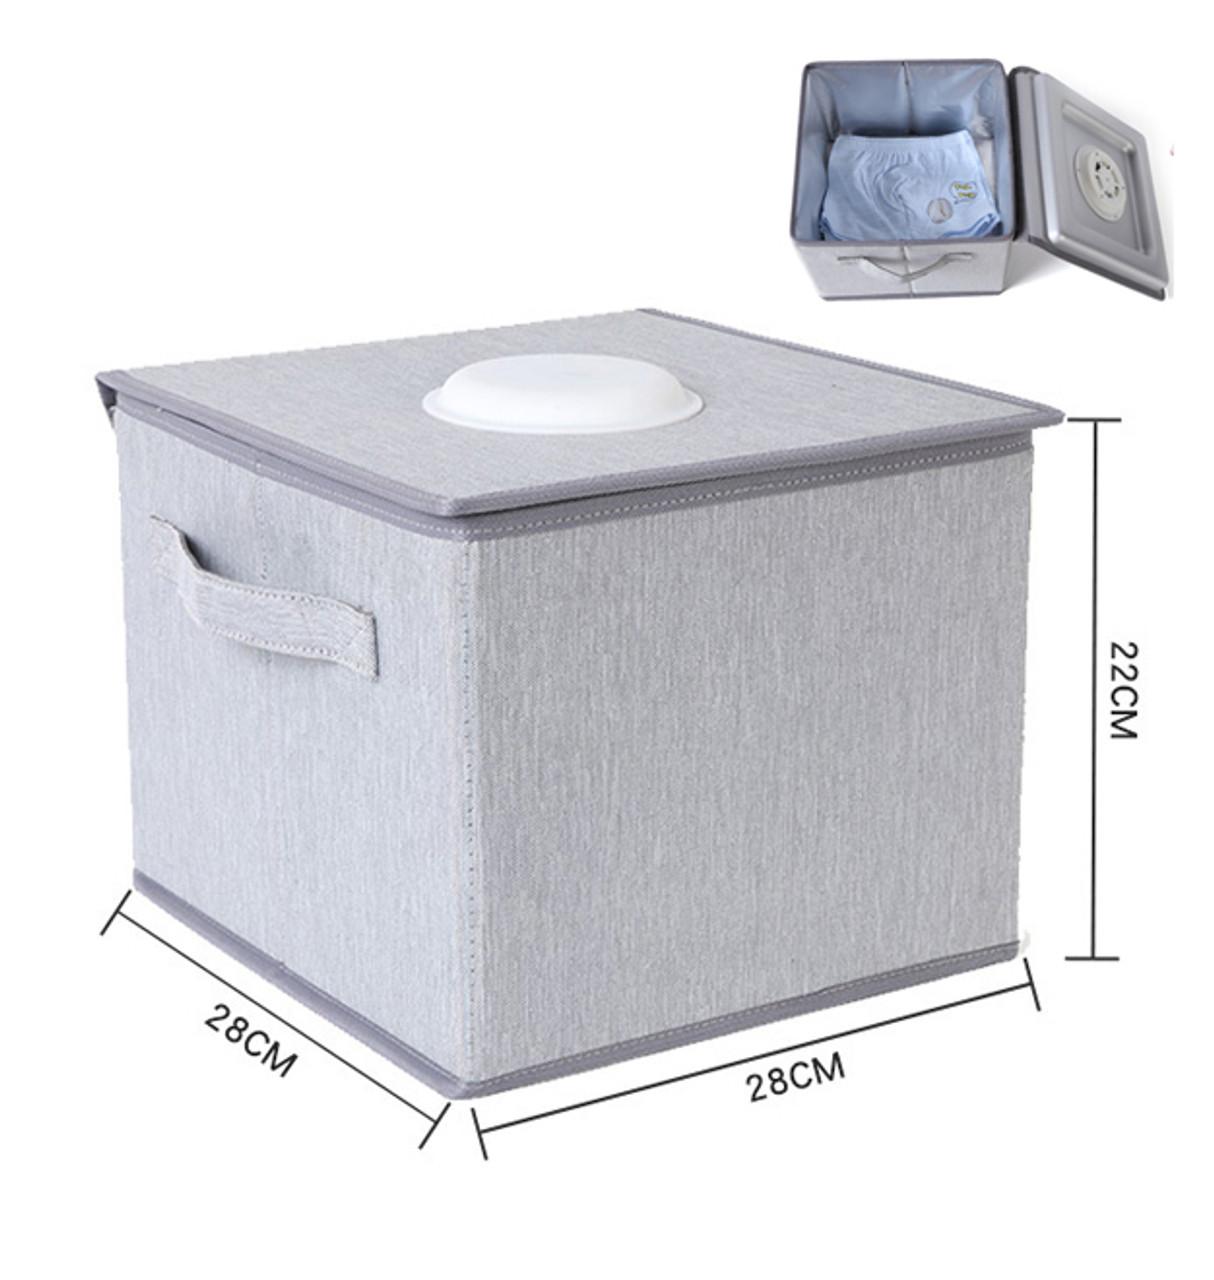 Foldable LED UV Sanitizing Disinfection Sterilizing Bag